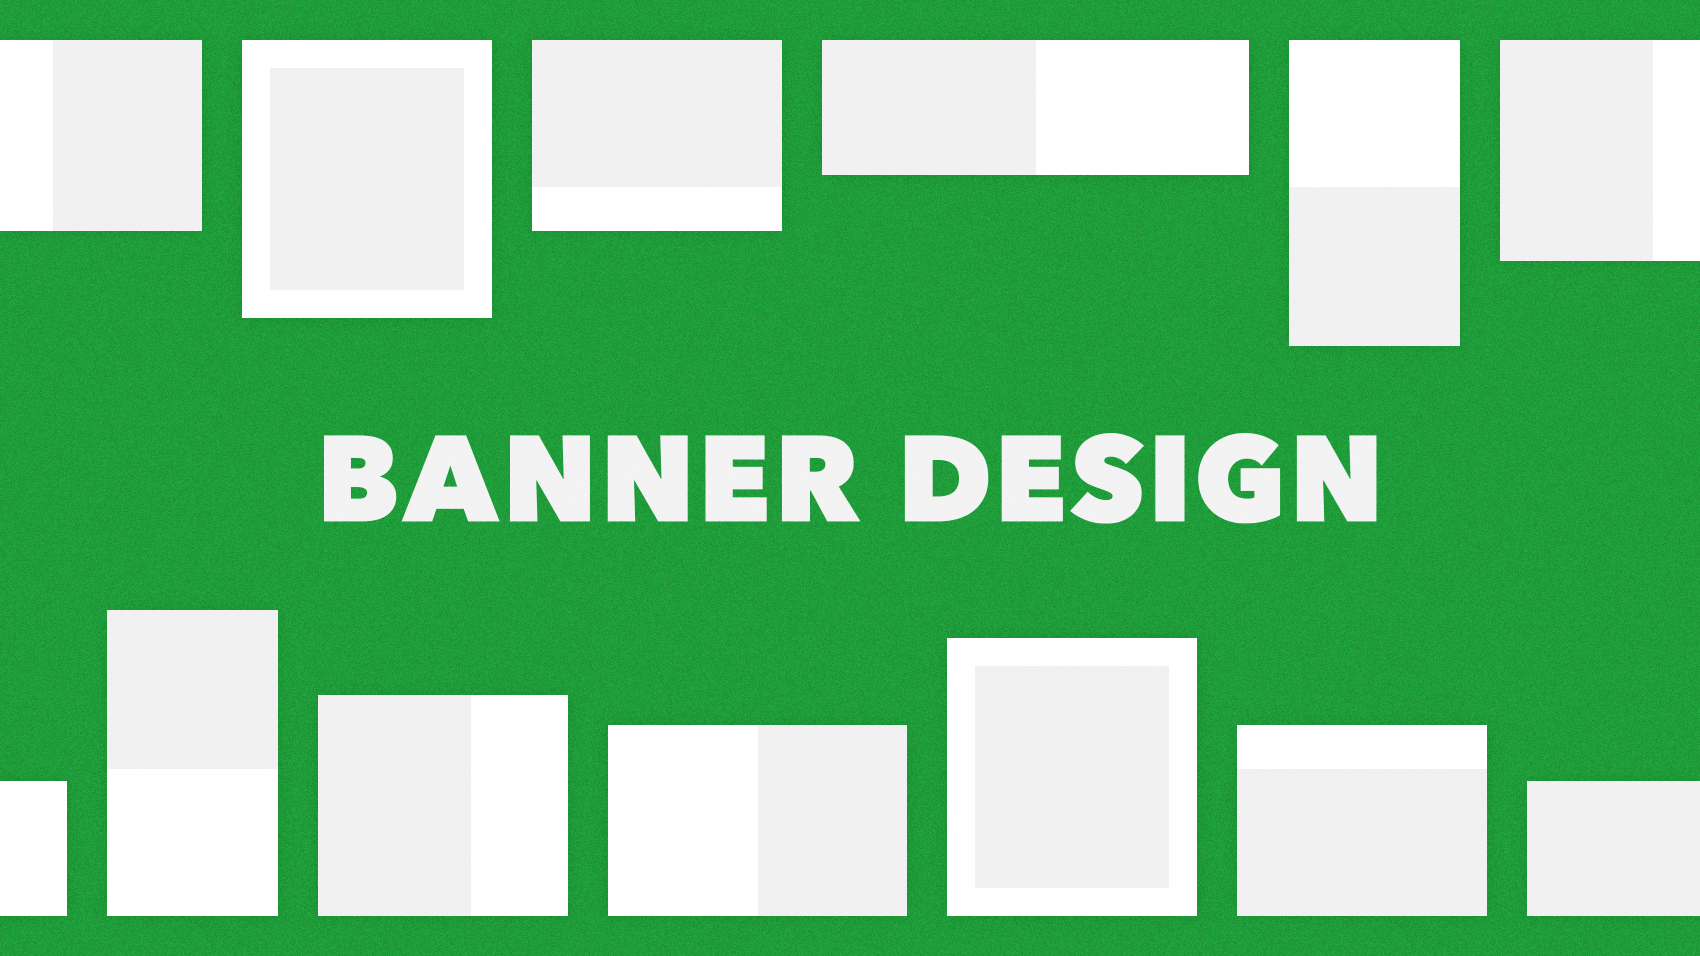 デザインを無駄にしない!バナーを制作する前に把握しておきたいこと